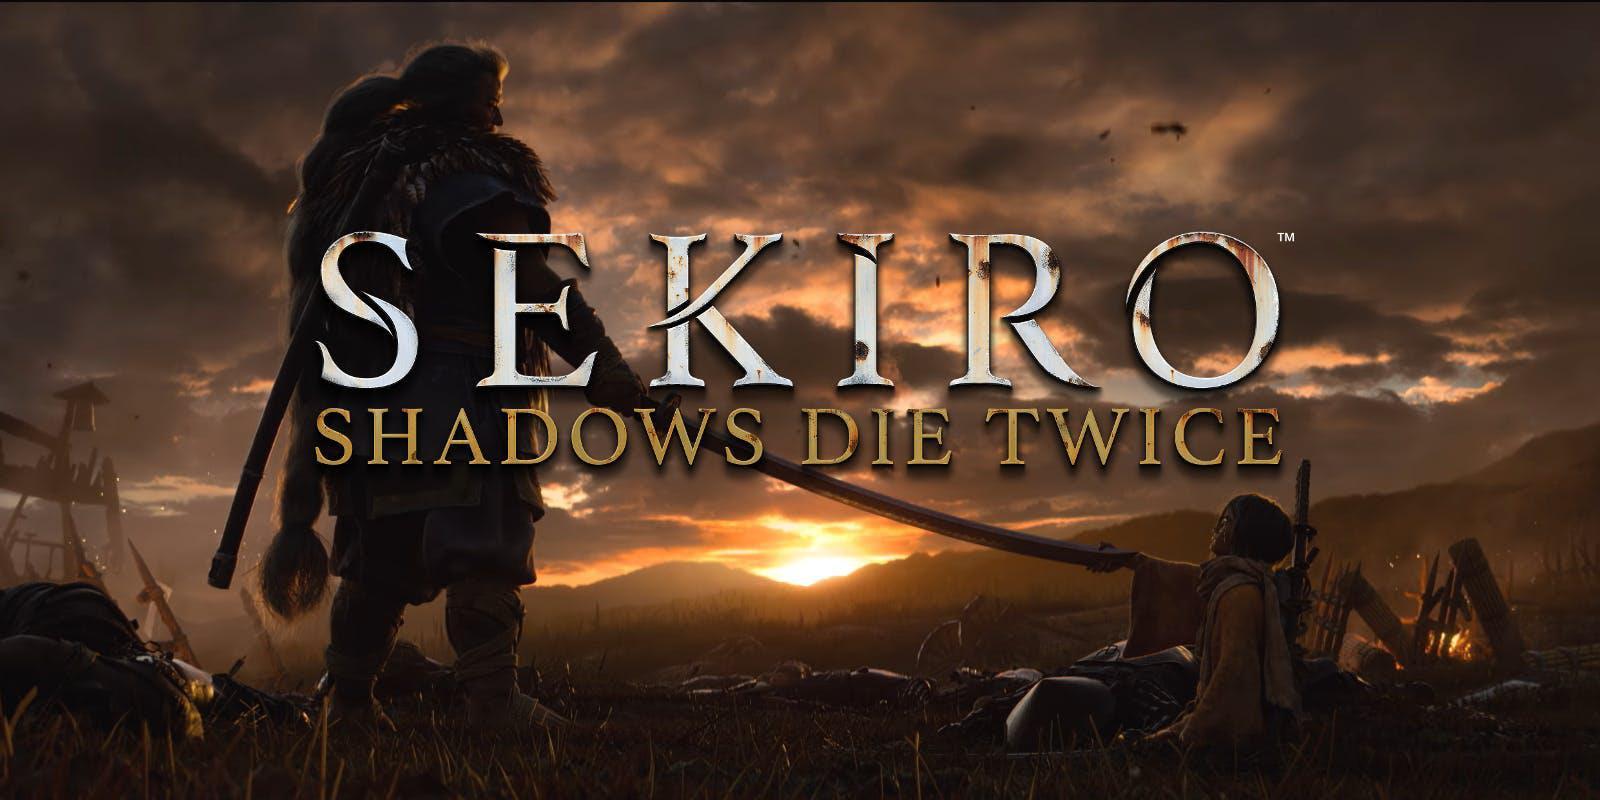 Sekiro Shadows Die Twice Hd Desktop Wallpaper For K Ultra Hd